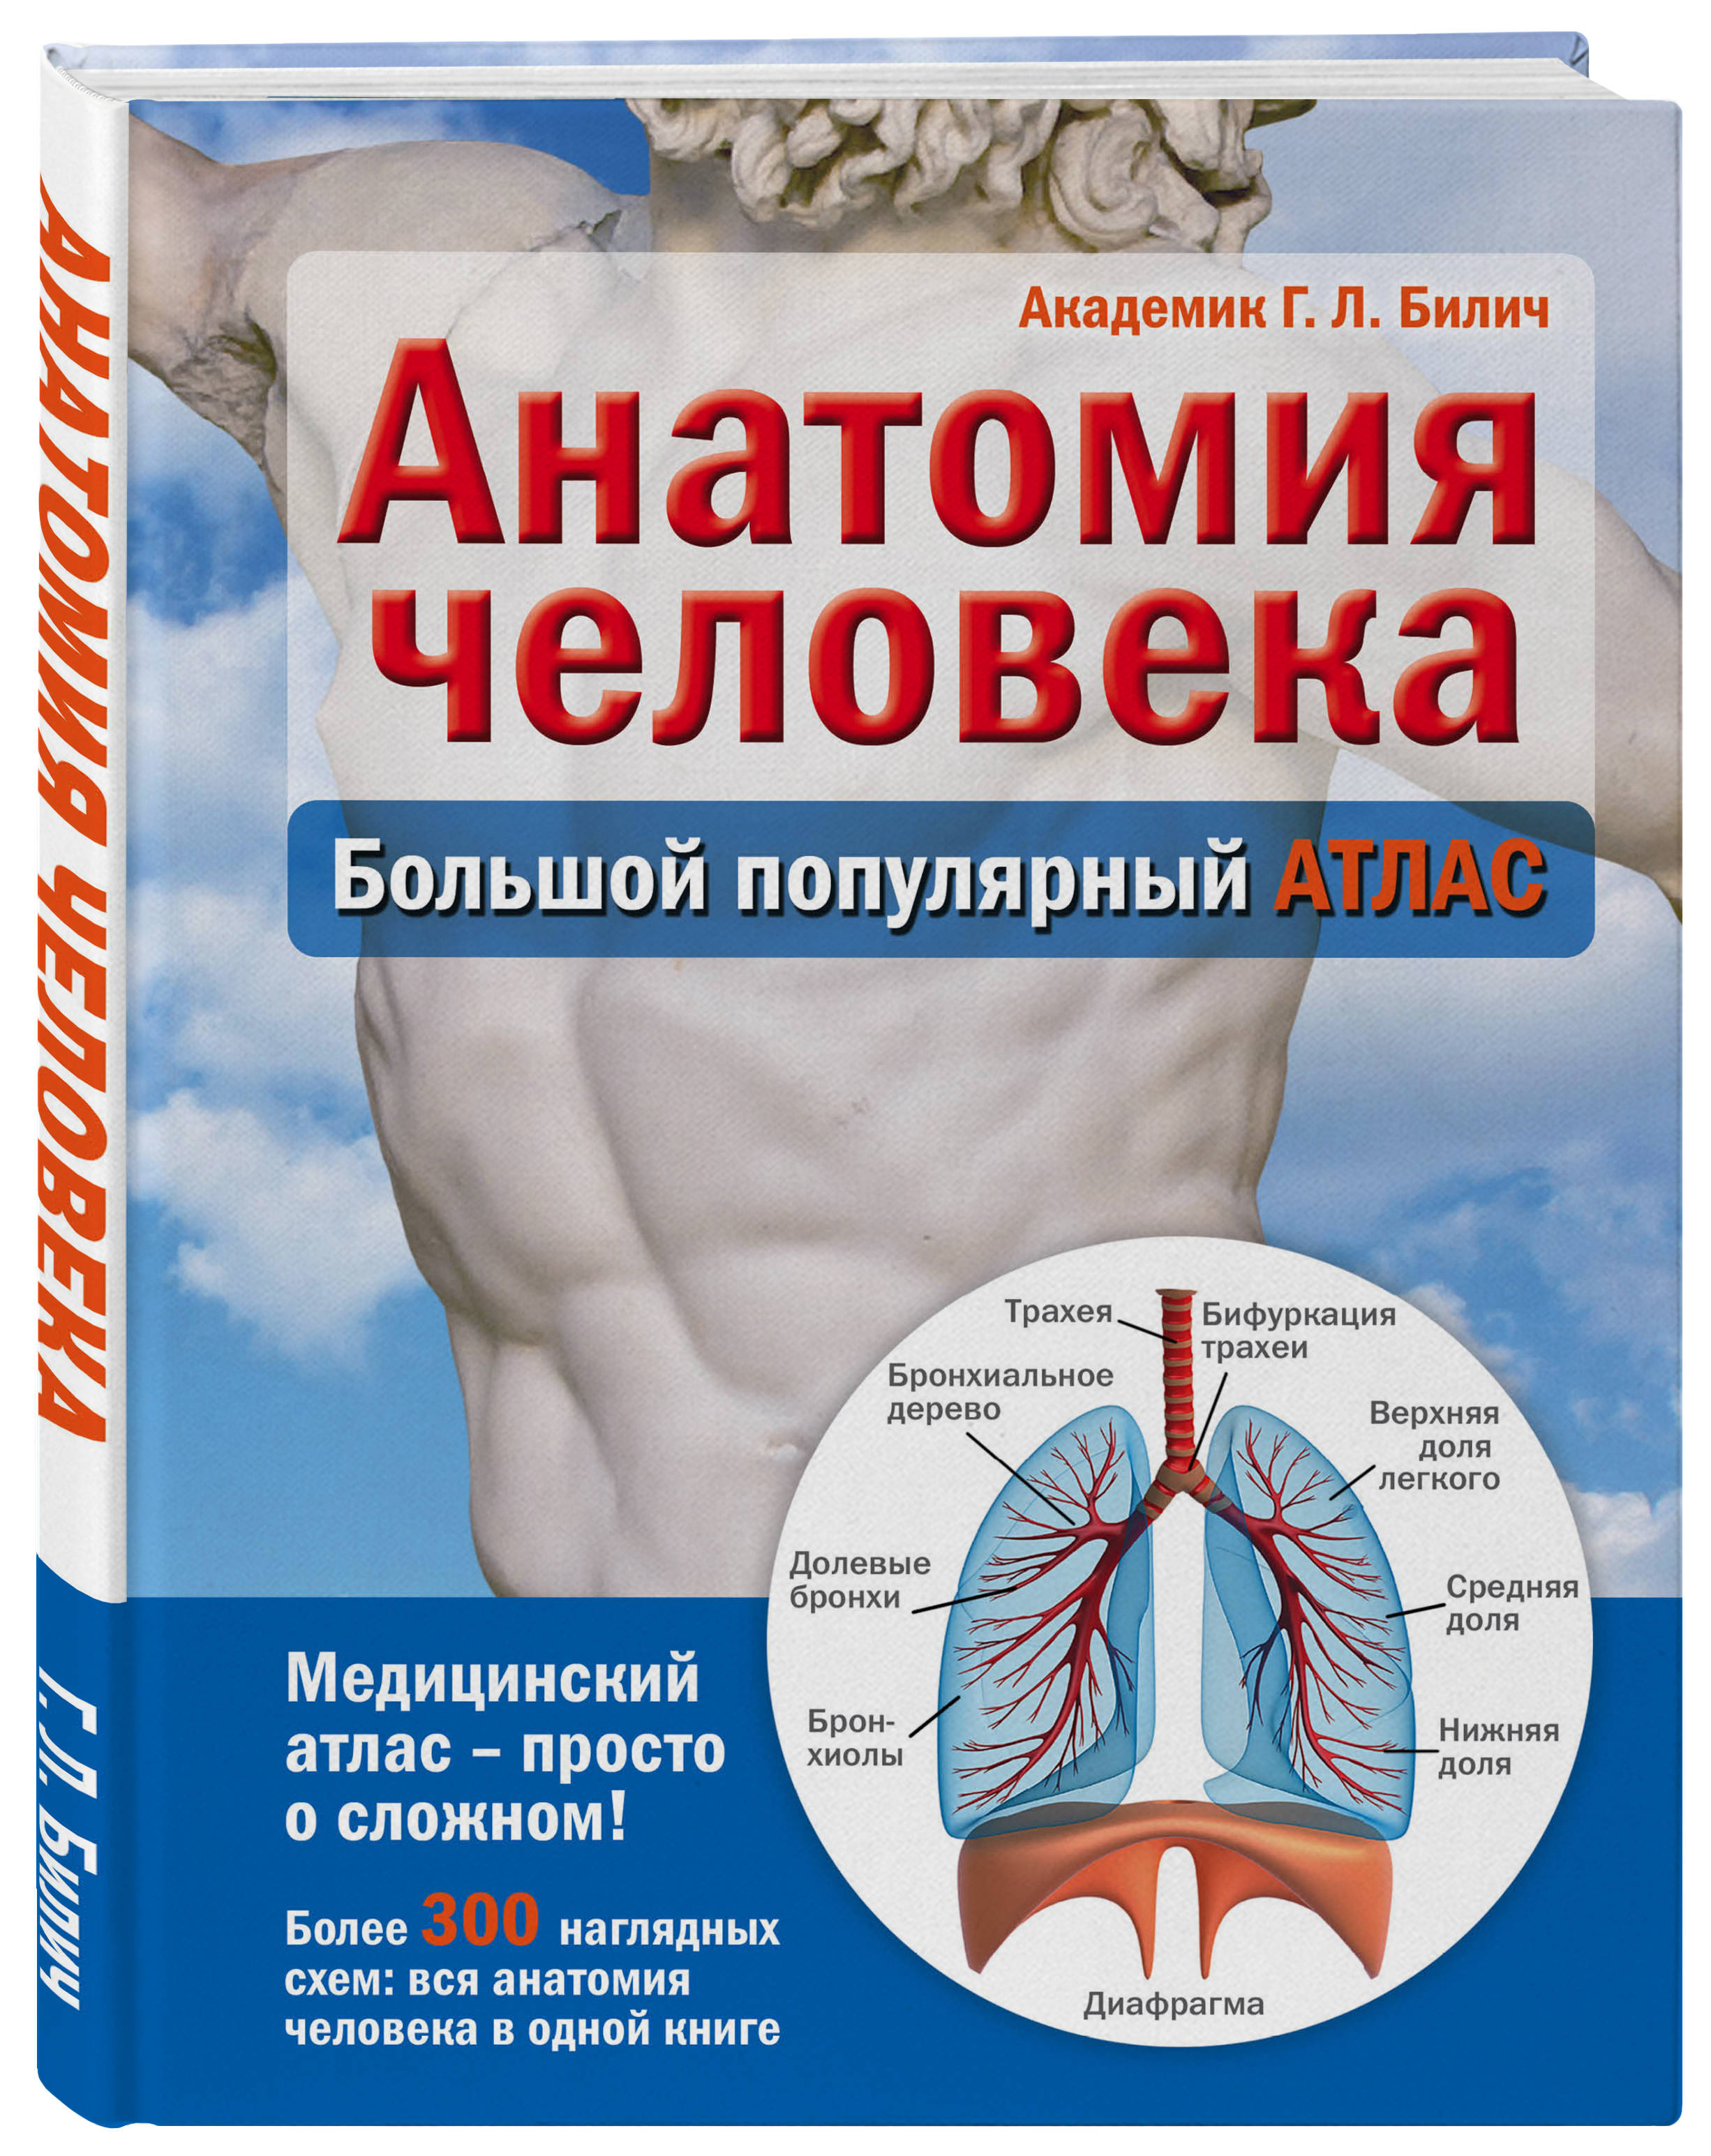 Билич Г. Анатомия человека: большой популярный атлас билич г л зигалова е ю анатомия человека русско латинский атлас